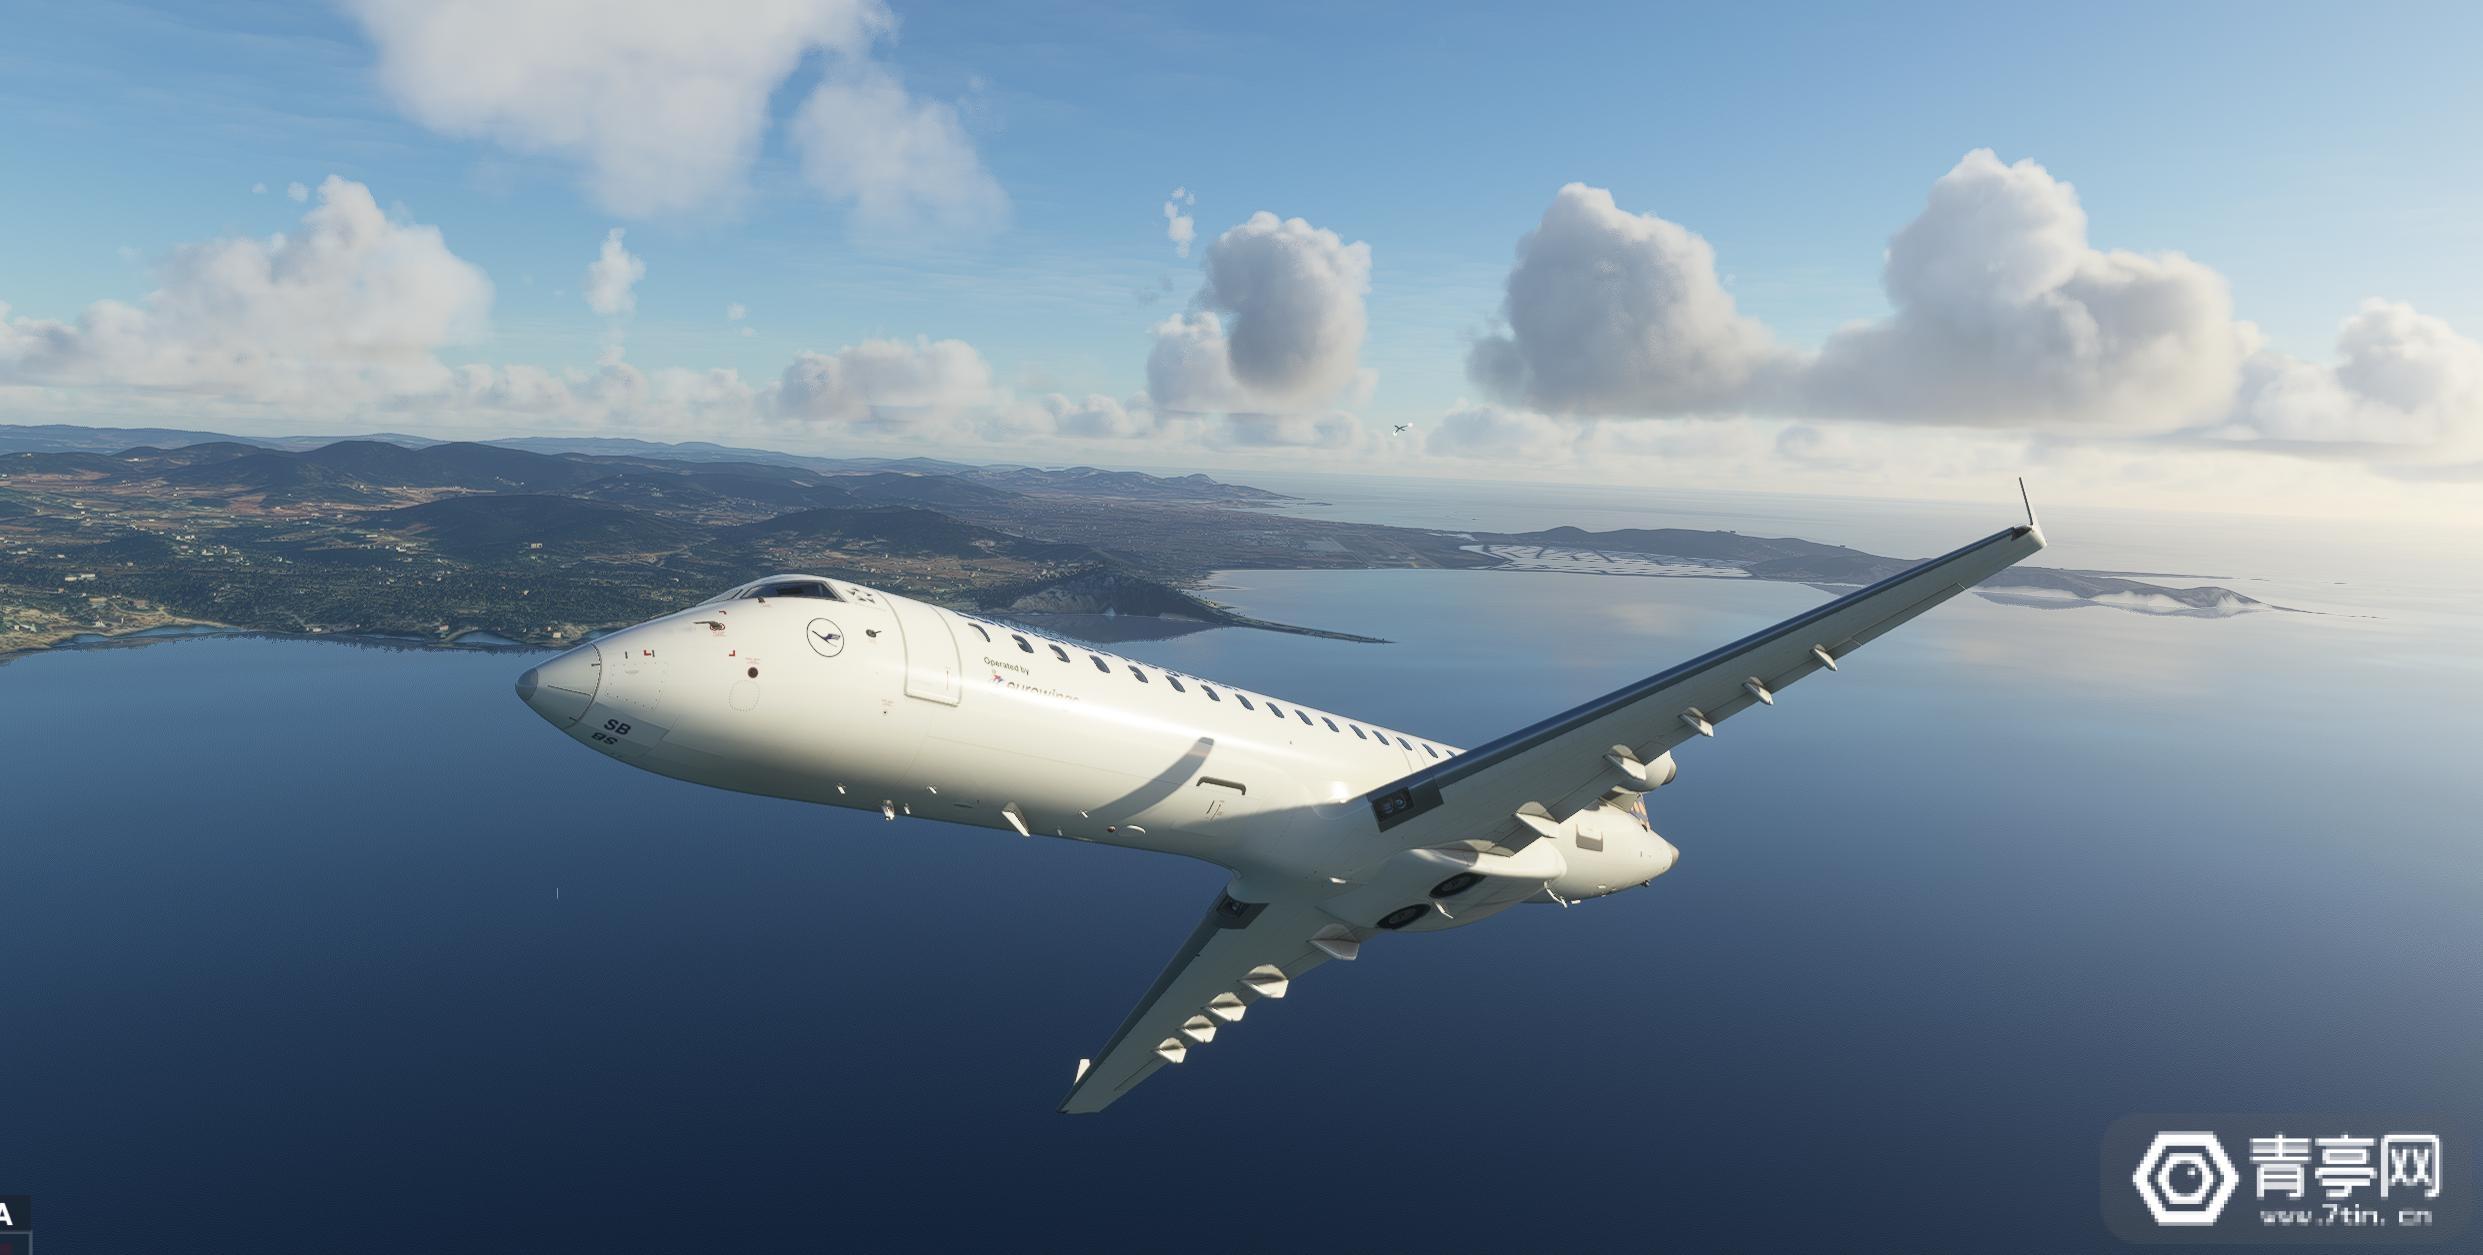 《微软飞行模拟》新细节图:展示客机、机场更多细节